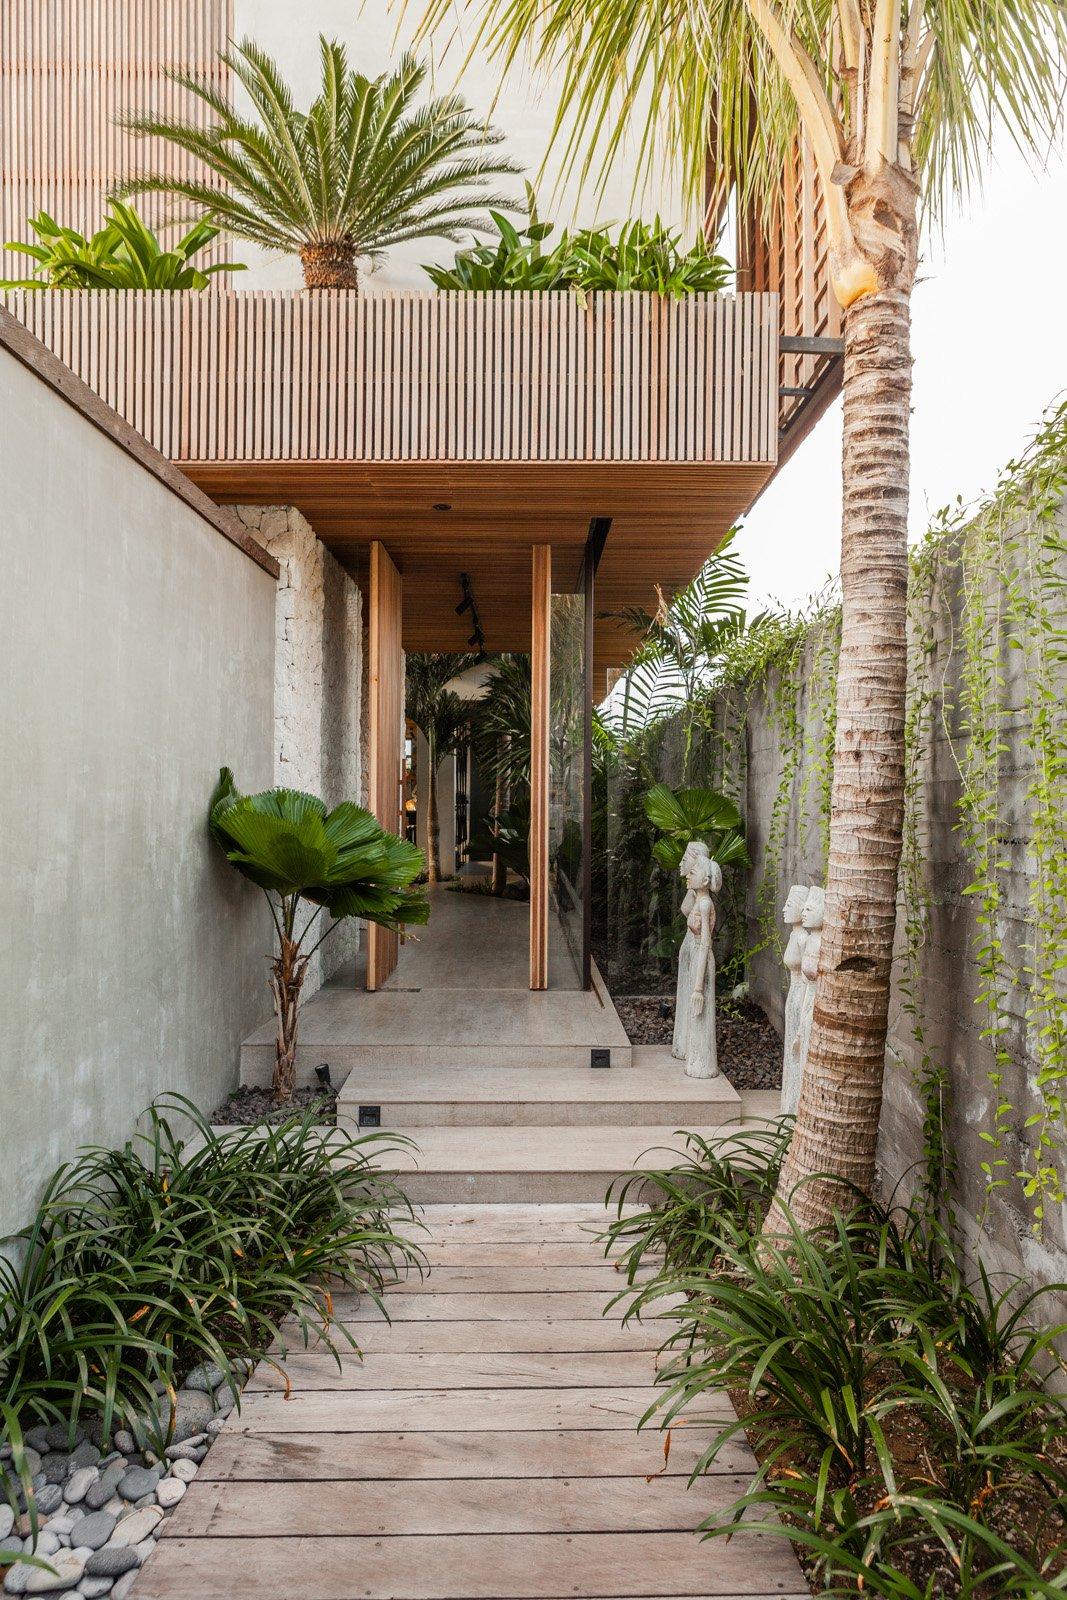 Bali Interiors- Cala Saona Biombo